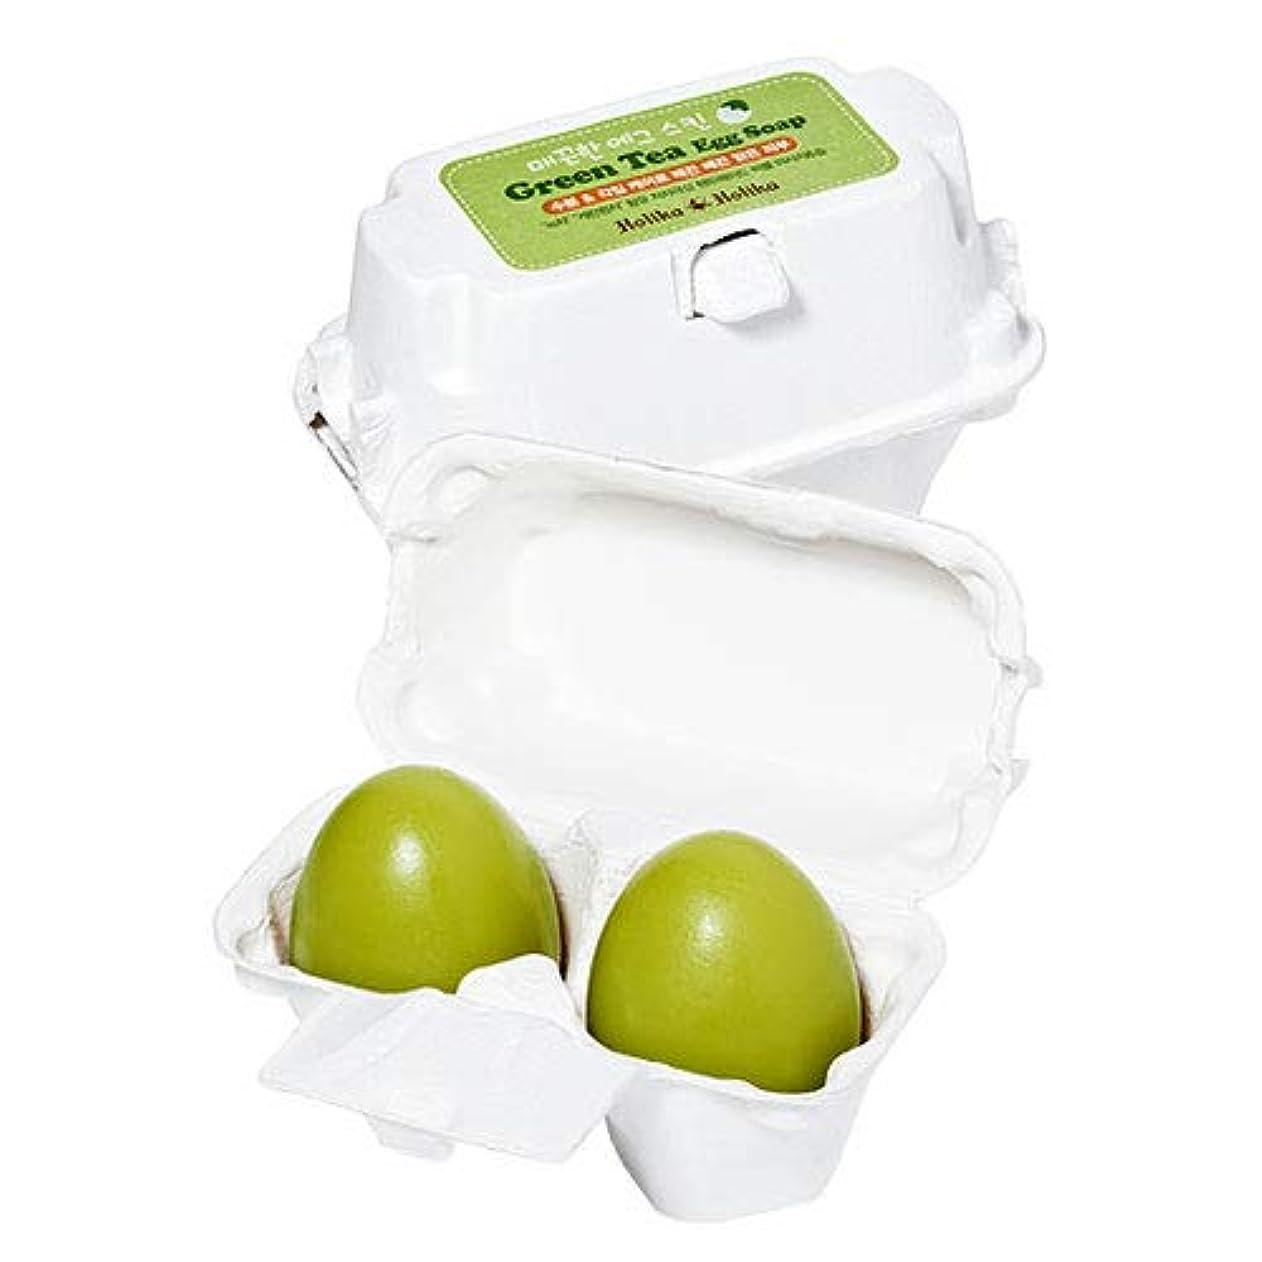 ミシンバンク民族主義[緑茶/Green Tea] Holika Holika Egg Skin Egg Soap ホリカホリカ エッグスキン エッグソープ (50g*2個) [並行輸入品]